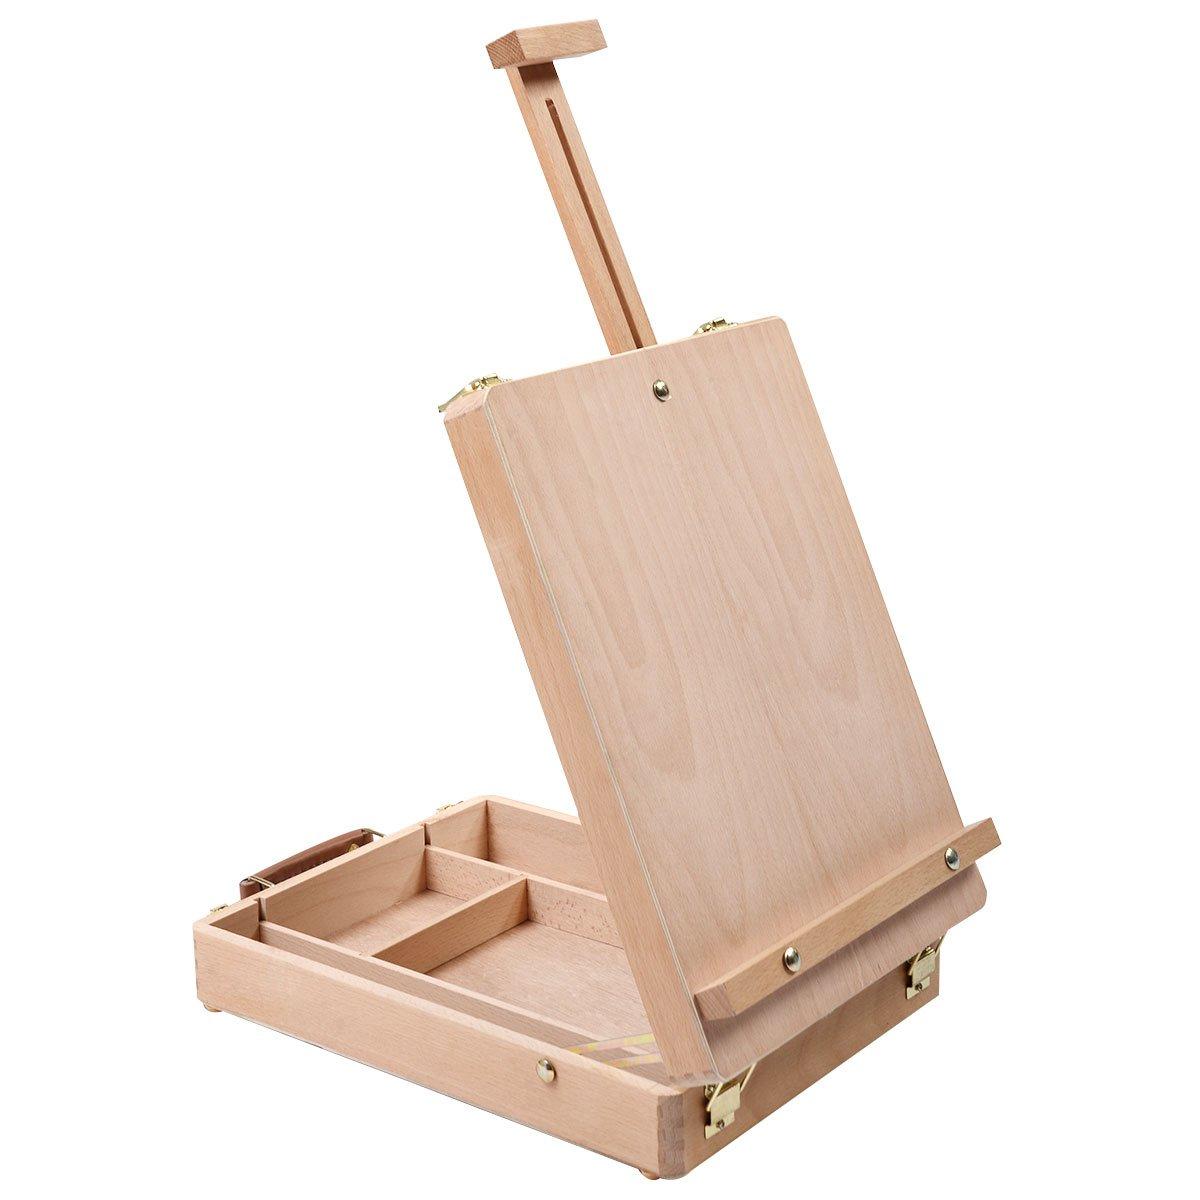 Costway, cavalletto per disegno e pittura in legno, per tavolo, durevole Open and Close Easel Natural Wood